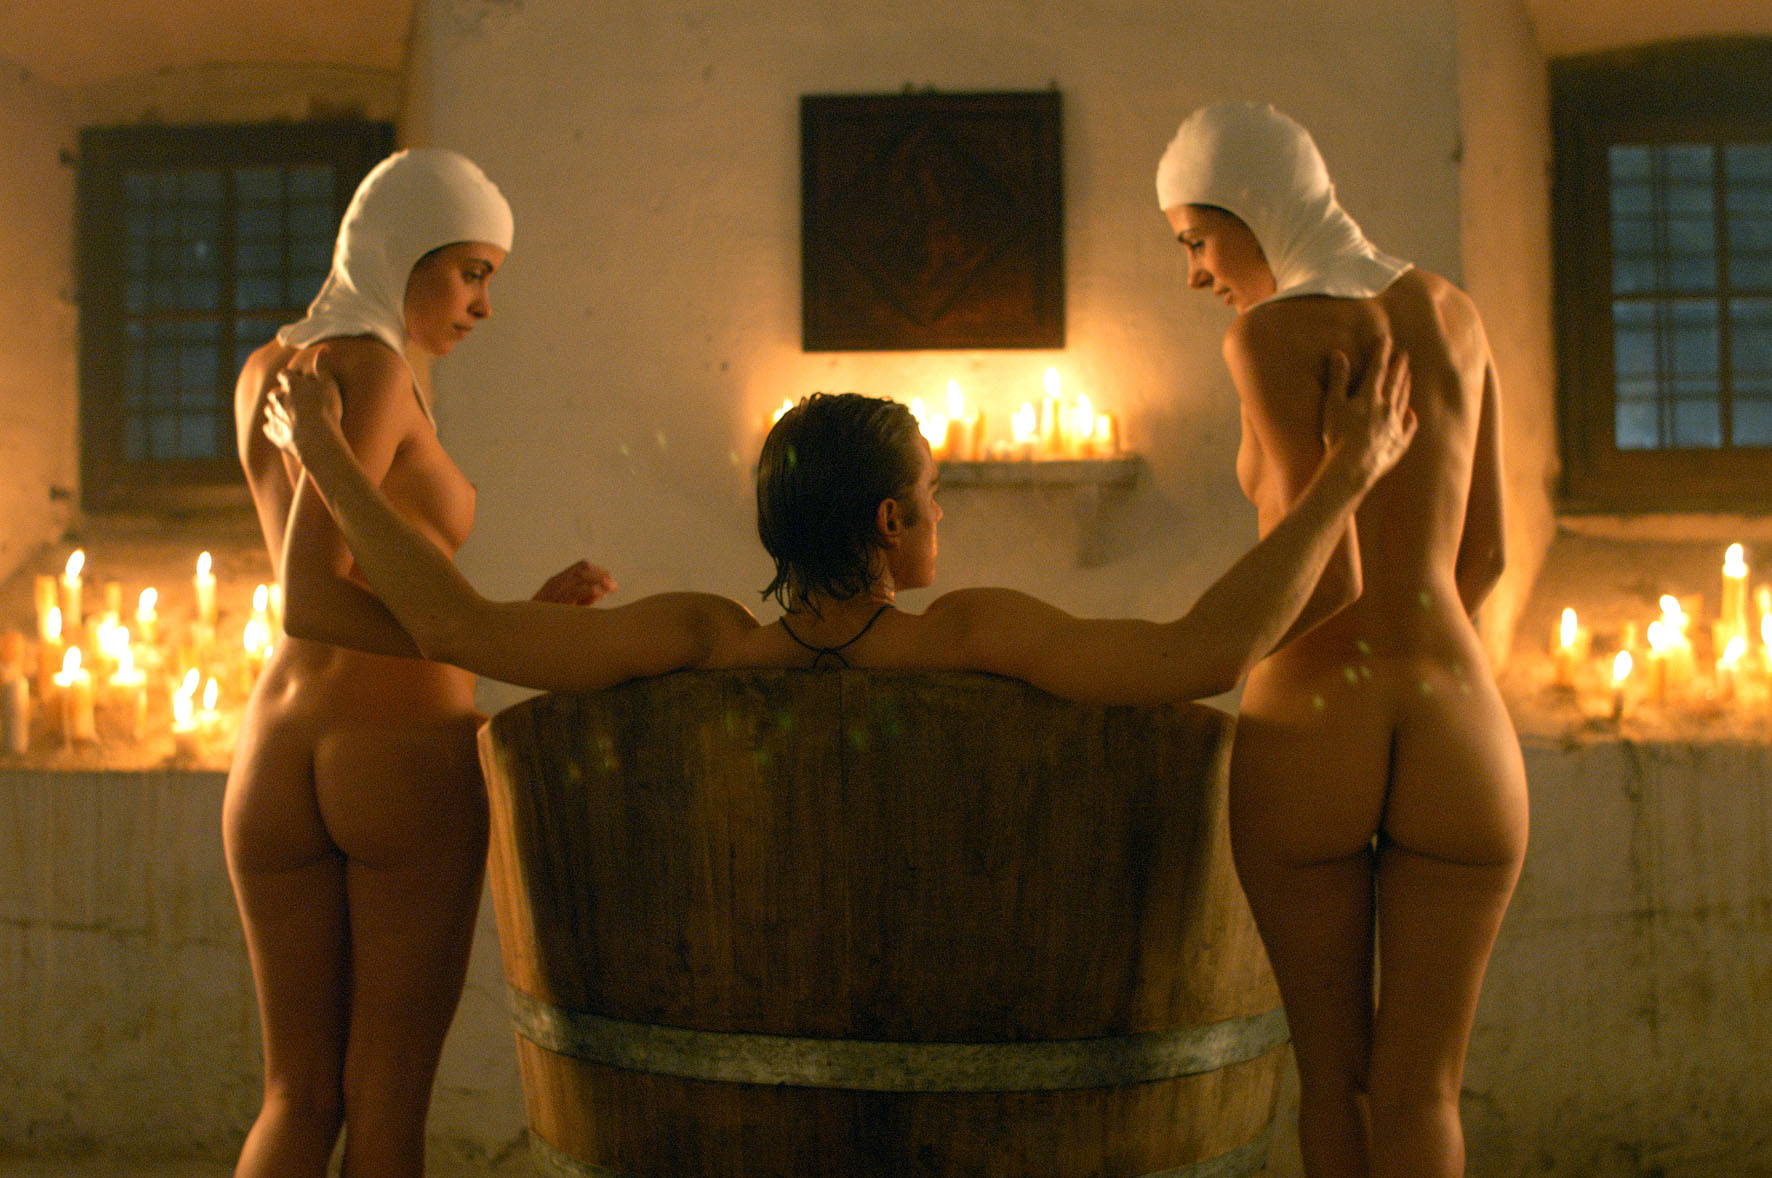 Территория девственниц смотреть 16 фотография